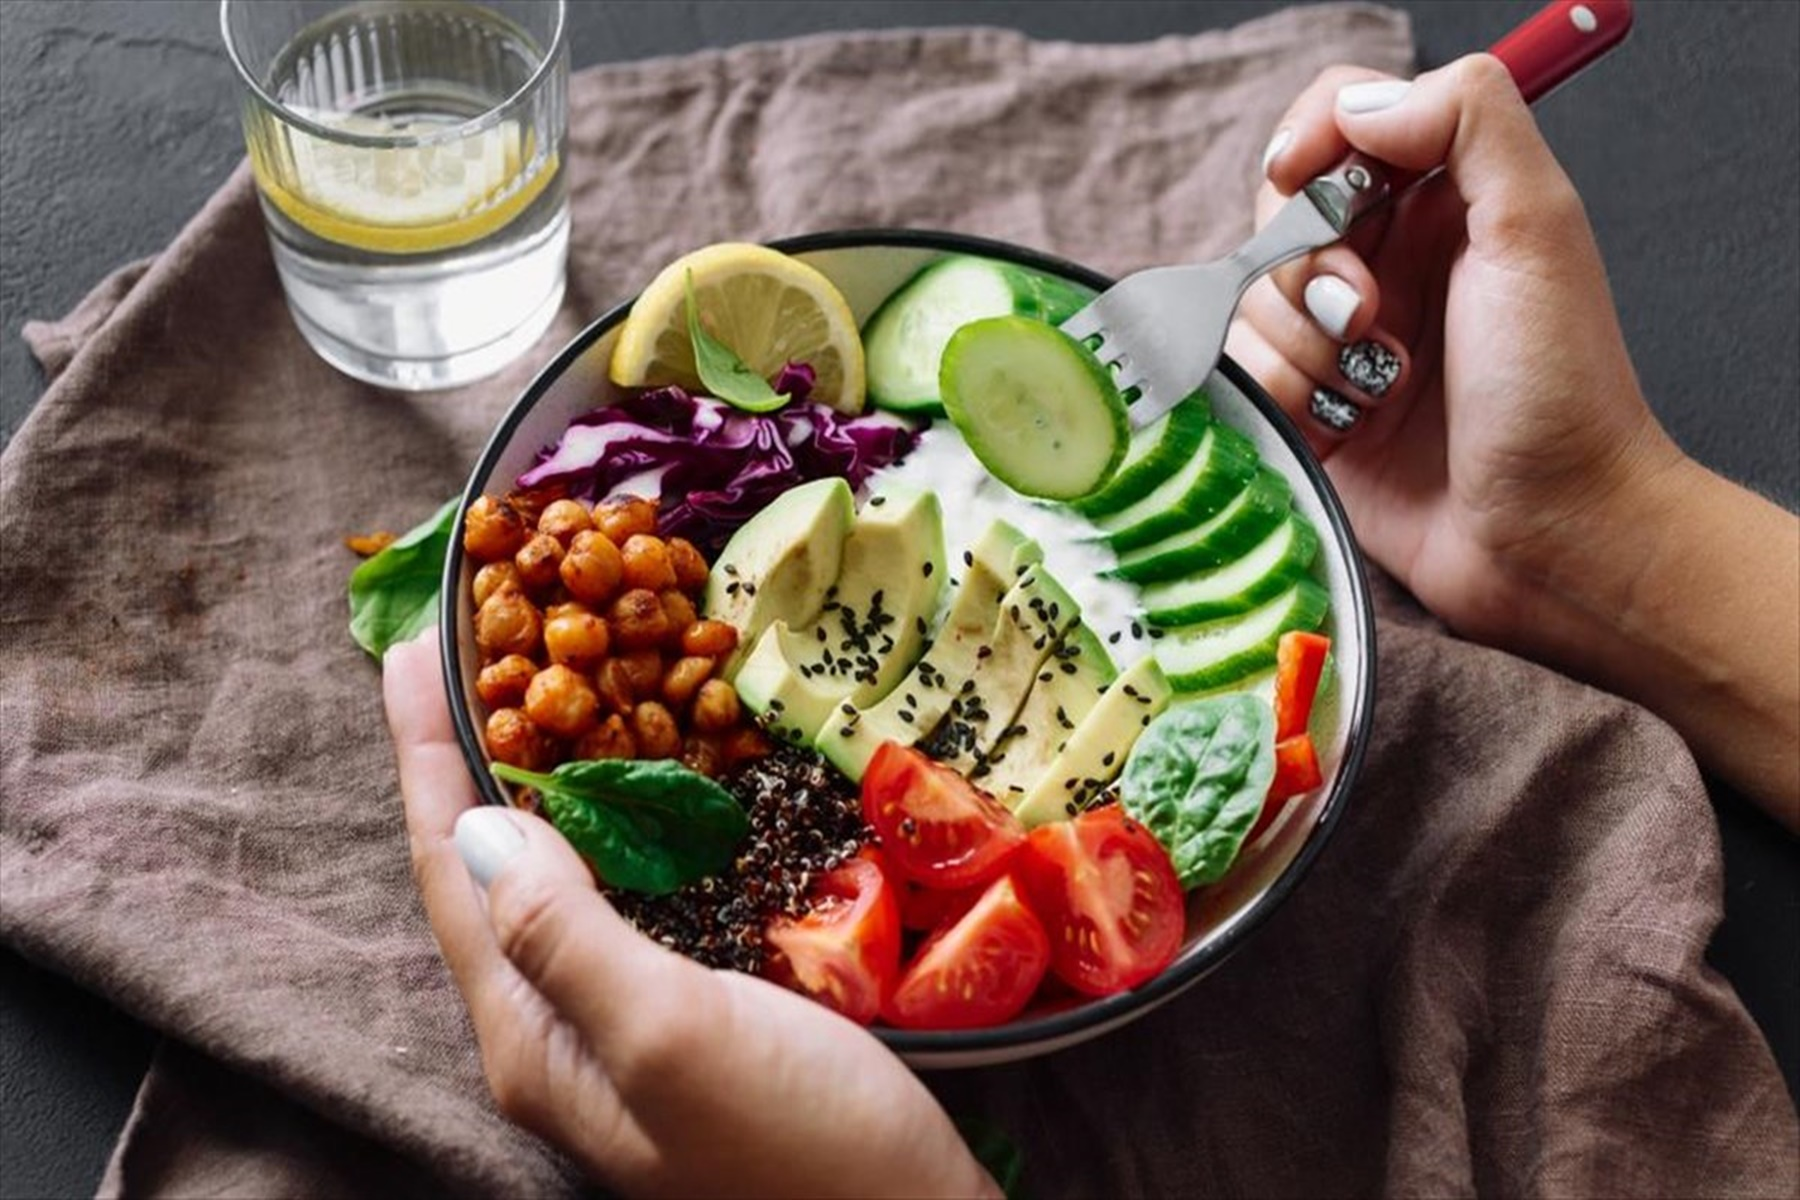 Γαλακτοκομικά διατροφή: Συμβουλές εξαιρετικά υγιεινών τροφών